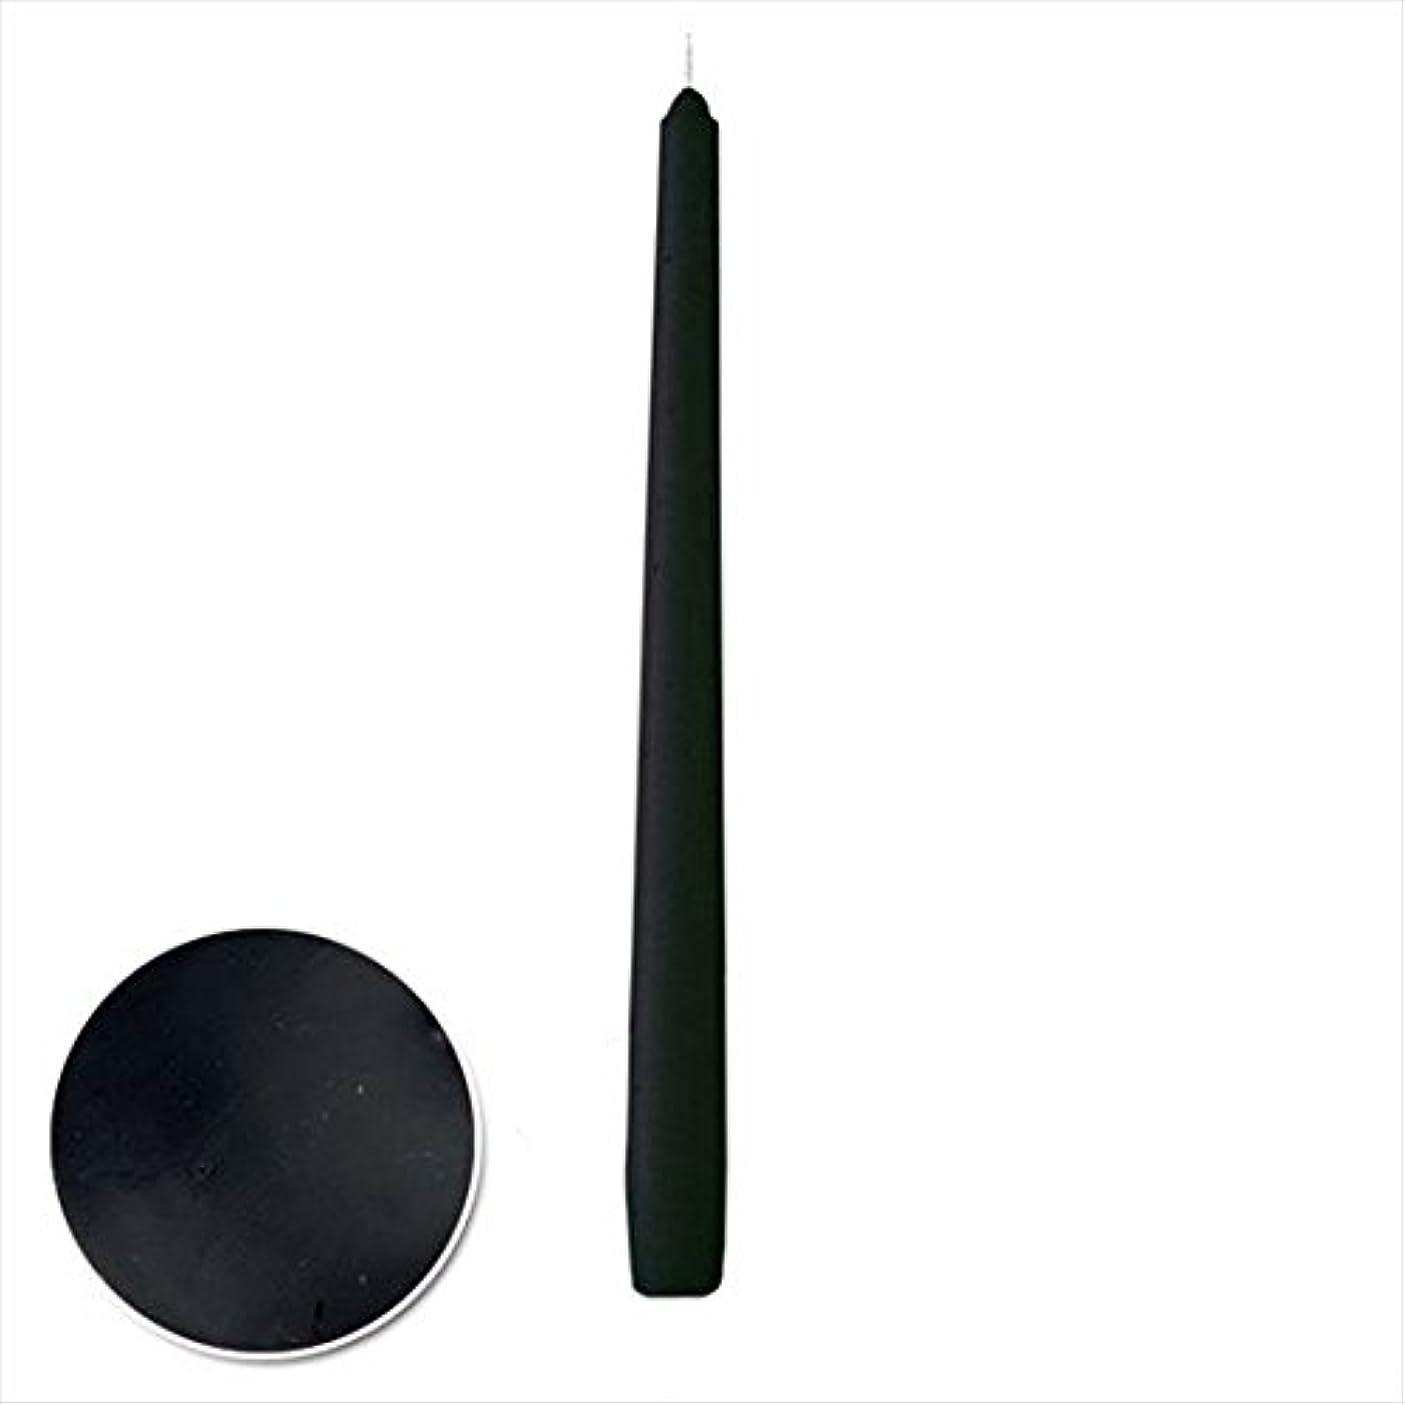 火山学者細いためらうカメヤマキャンドル(kameyama candle) 12インチテーパー 「 ブラック 」 12本入り